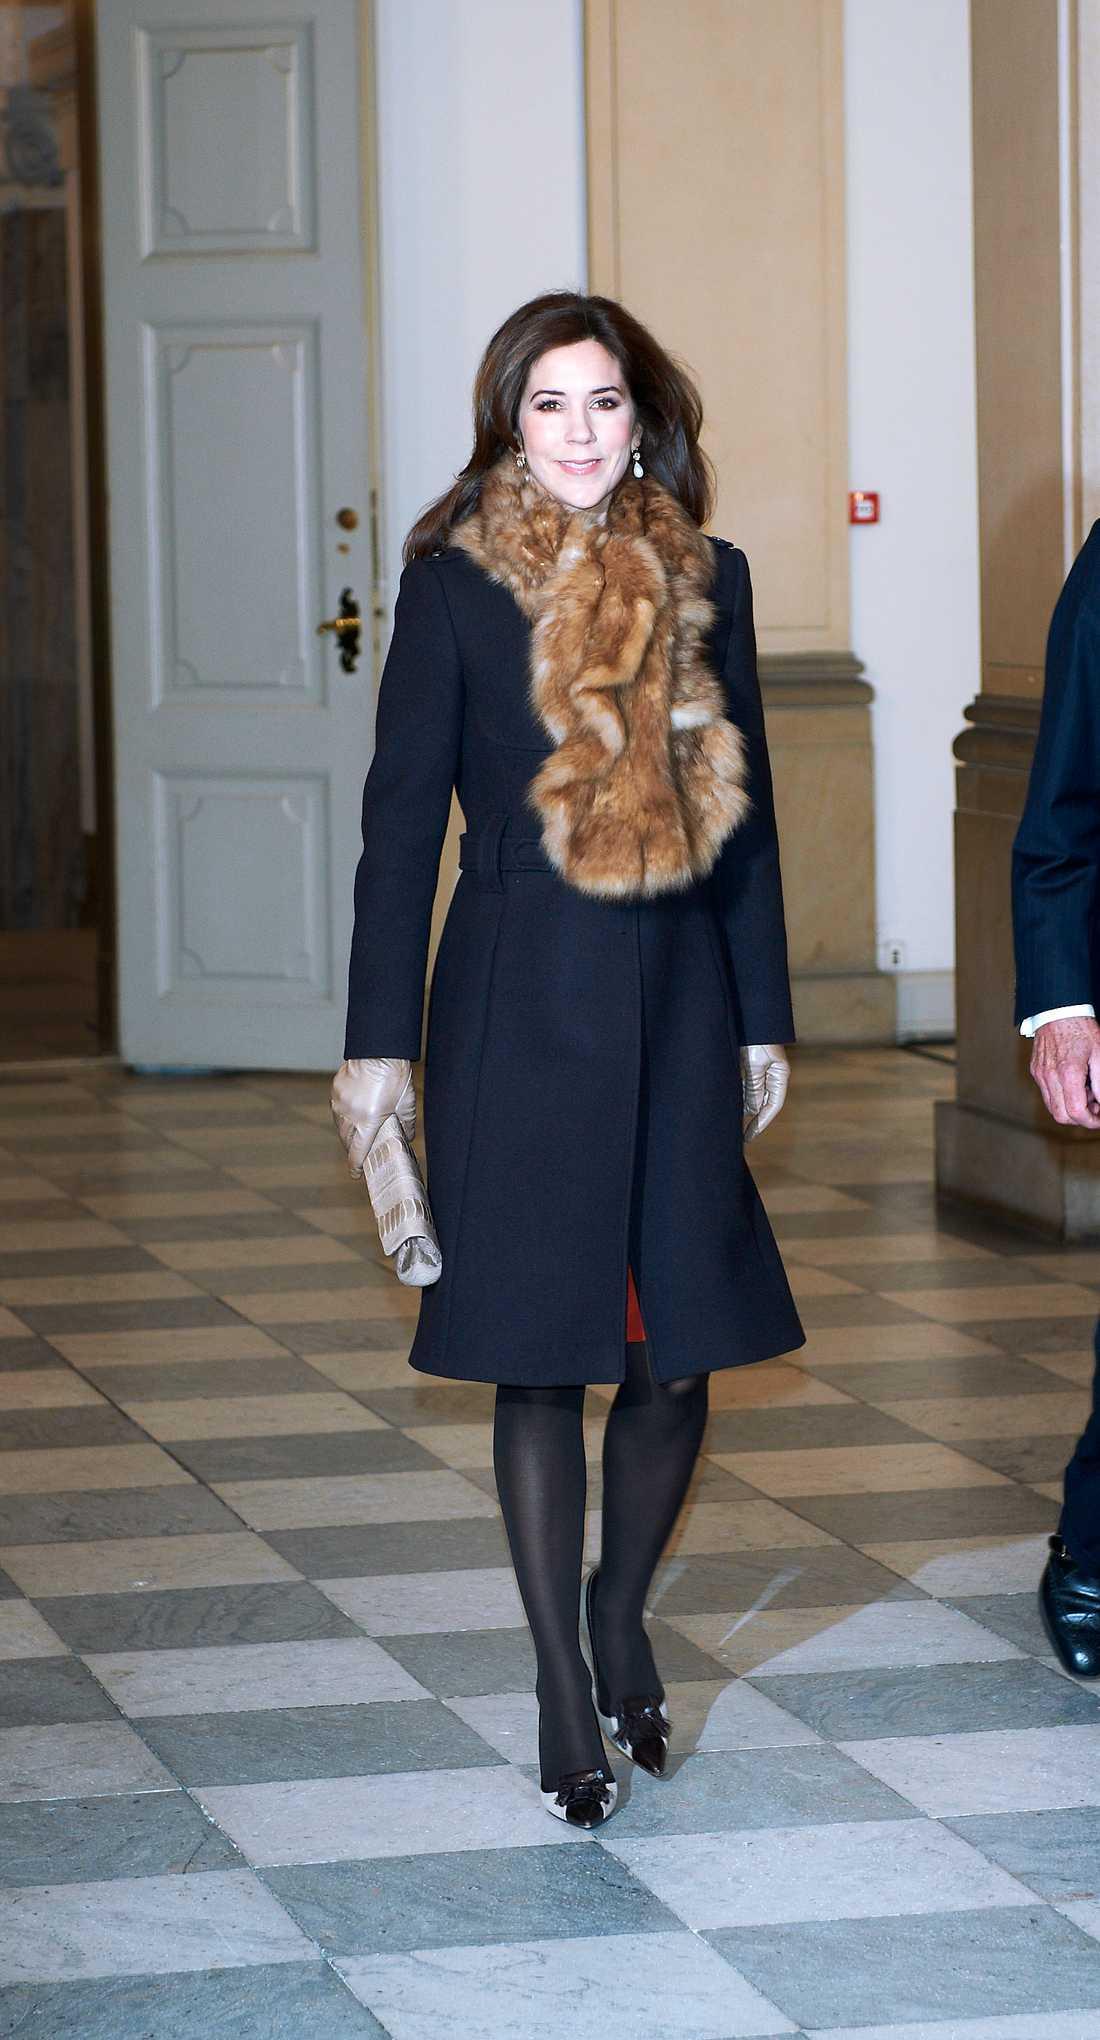 Kronprinsessan Mary av Danmark valde att värma sig i päls och kappa. Även hos Mary syntes vårlika detaljer i form av de ljusa handskarna och kuvertväskan i samma ton.